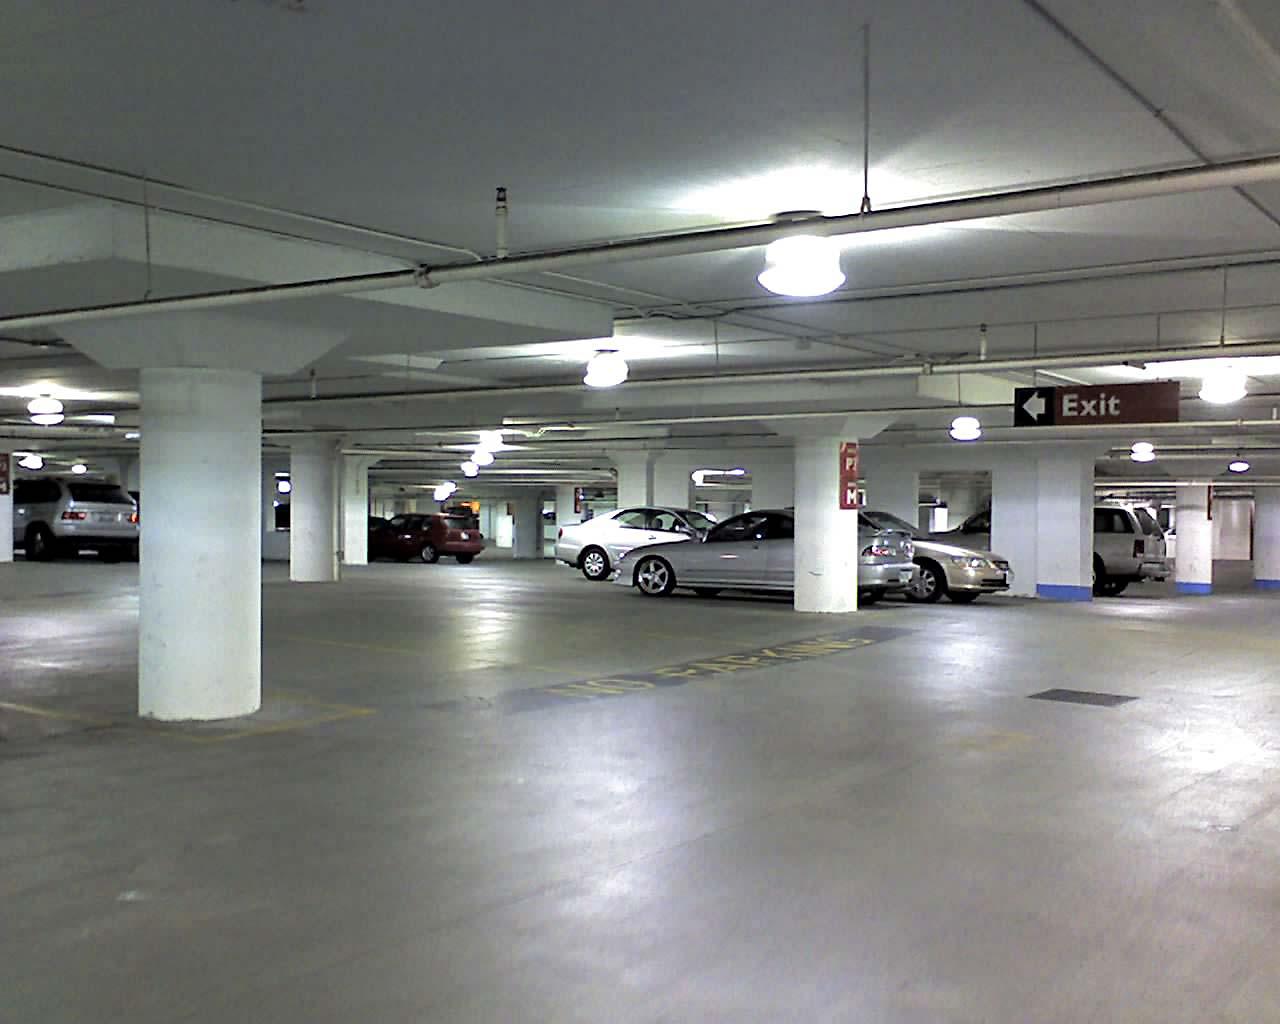 Location parking Strasbourg : une solution très adaptée